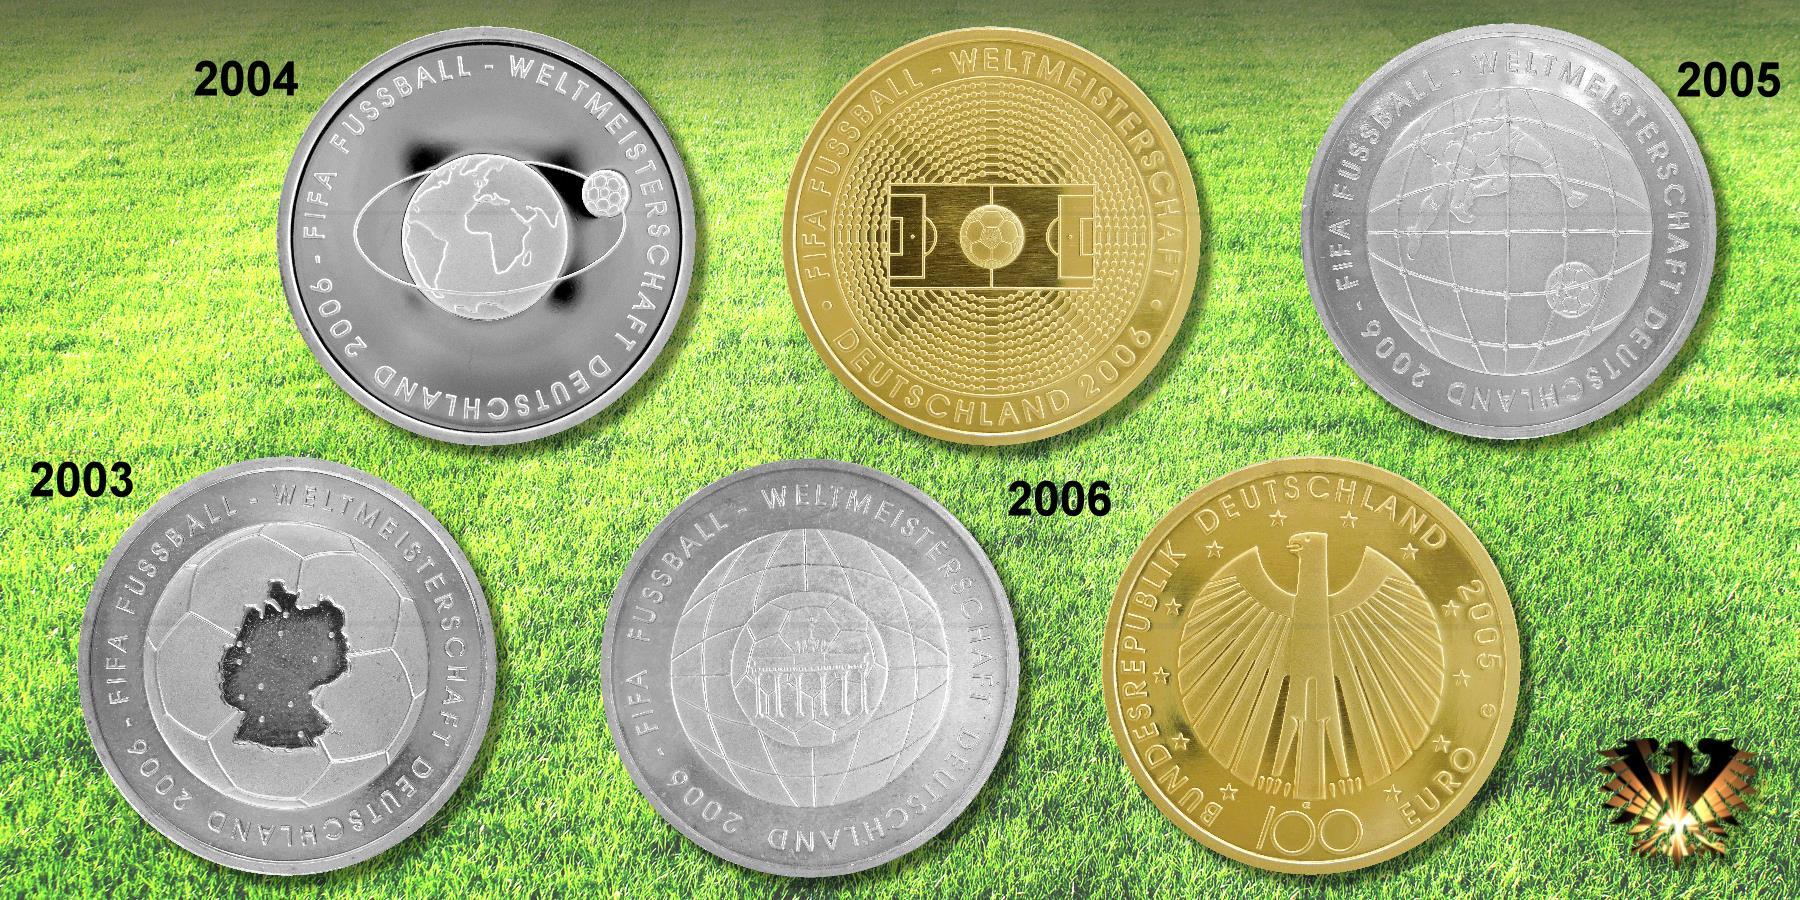 10 Brd 2004 Fifa Fußball Weltmeisterschaft 2006 Mit Bilder